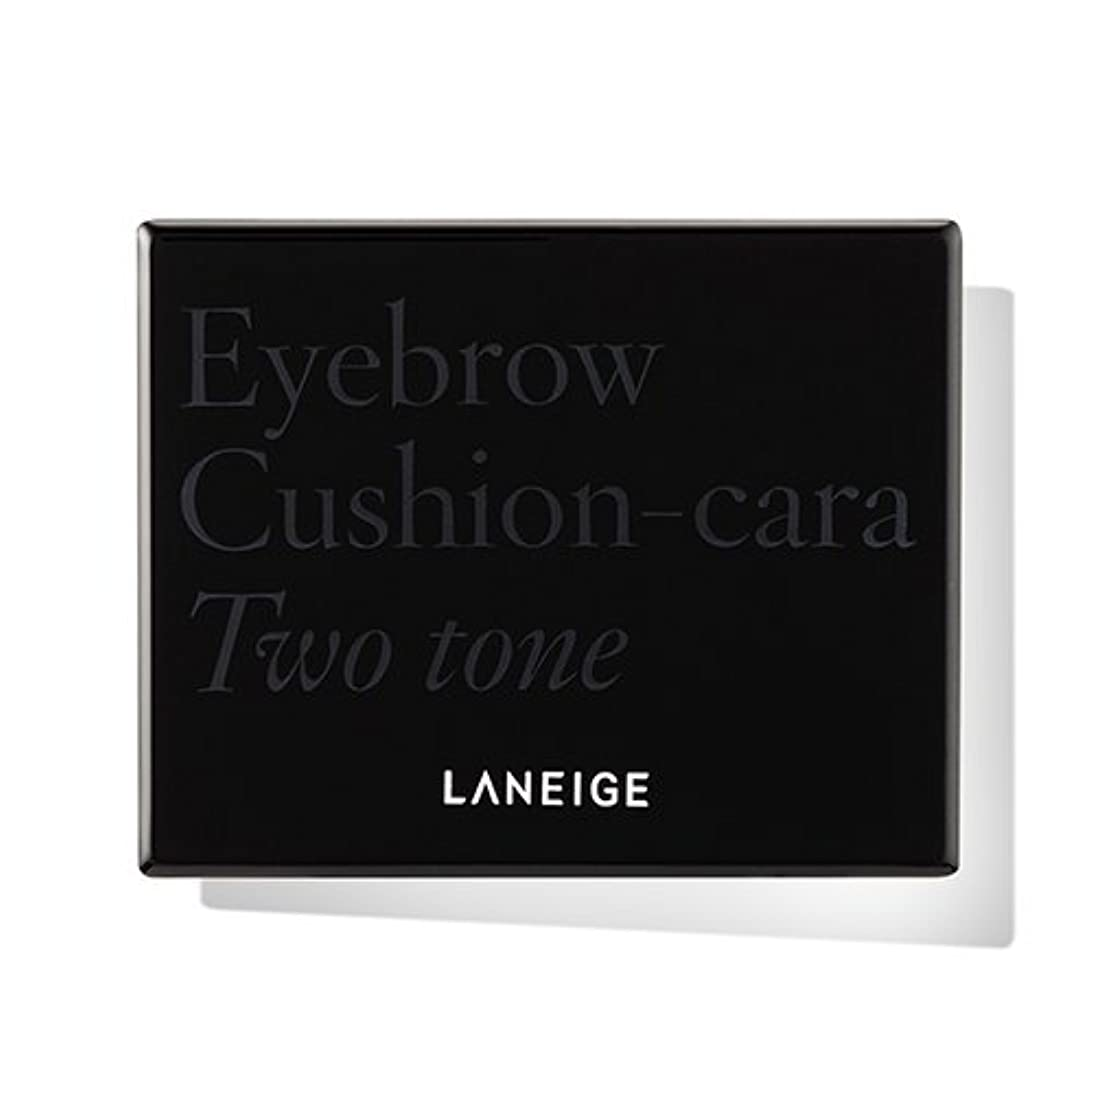 ムスタチオ渦アナニバー[New] LANEIGE Eyebrow Cushion-cara 6g/ラネージュ アイブロウ クッション カラ 6g (#2 Two Tone Brown) [並行輸入品]